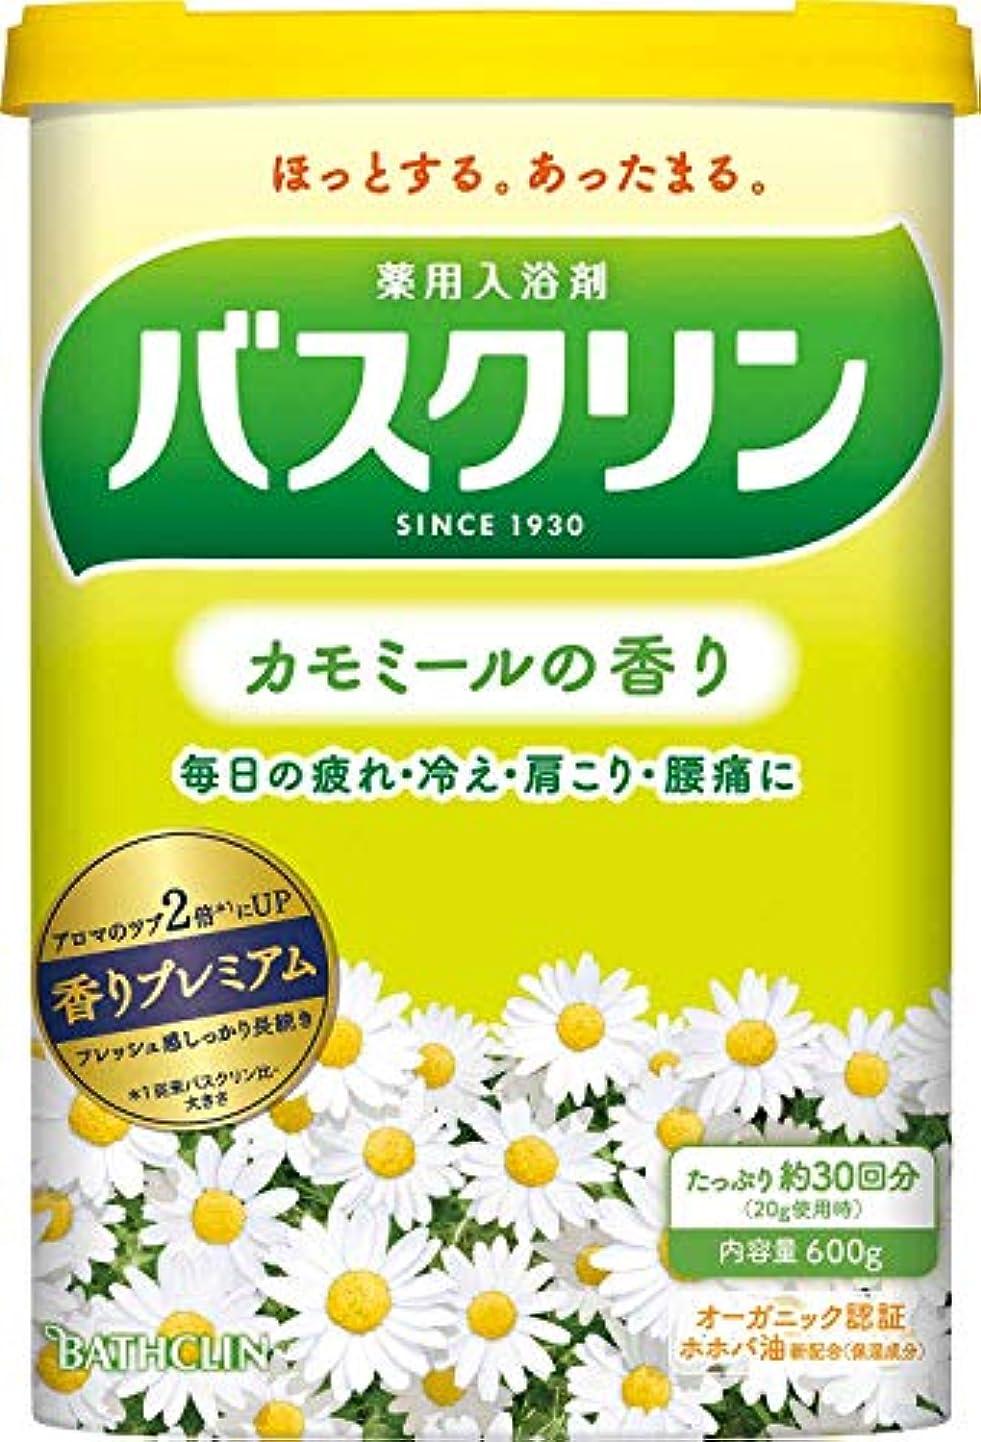 パイプライン盗難と【医薬部外品】バスクリン入浴剤 カモミールの香り600g(約30回分) 疲労回復